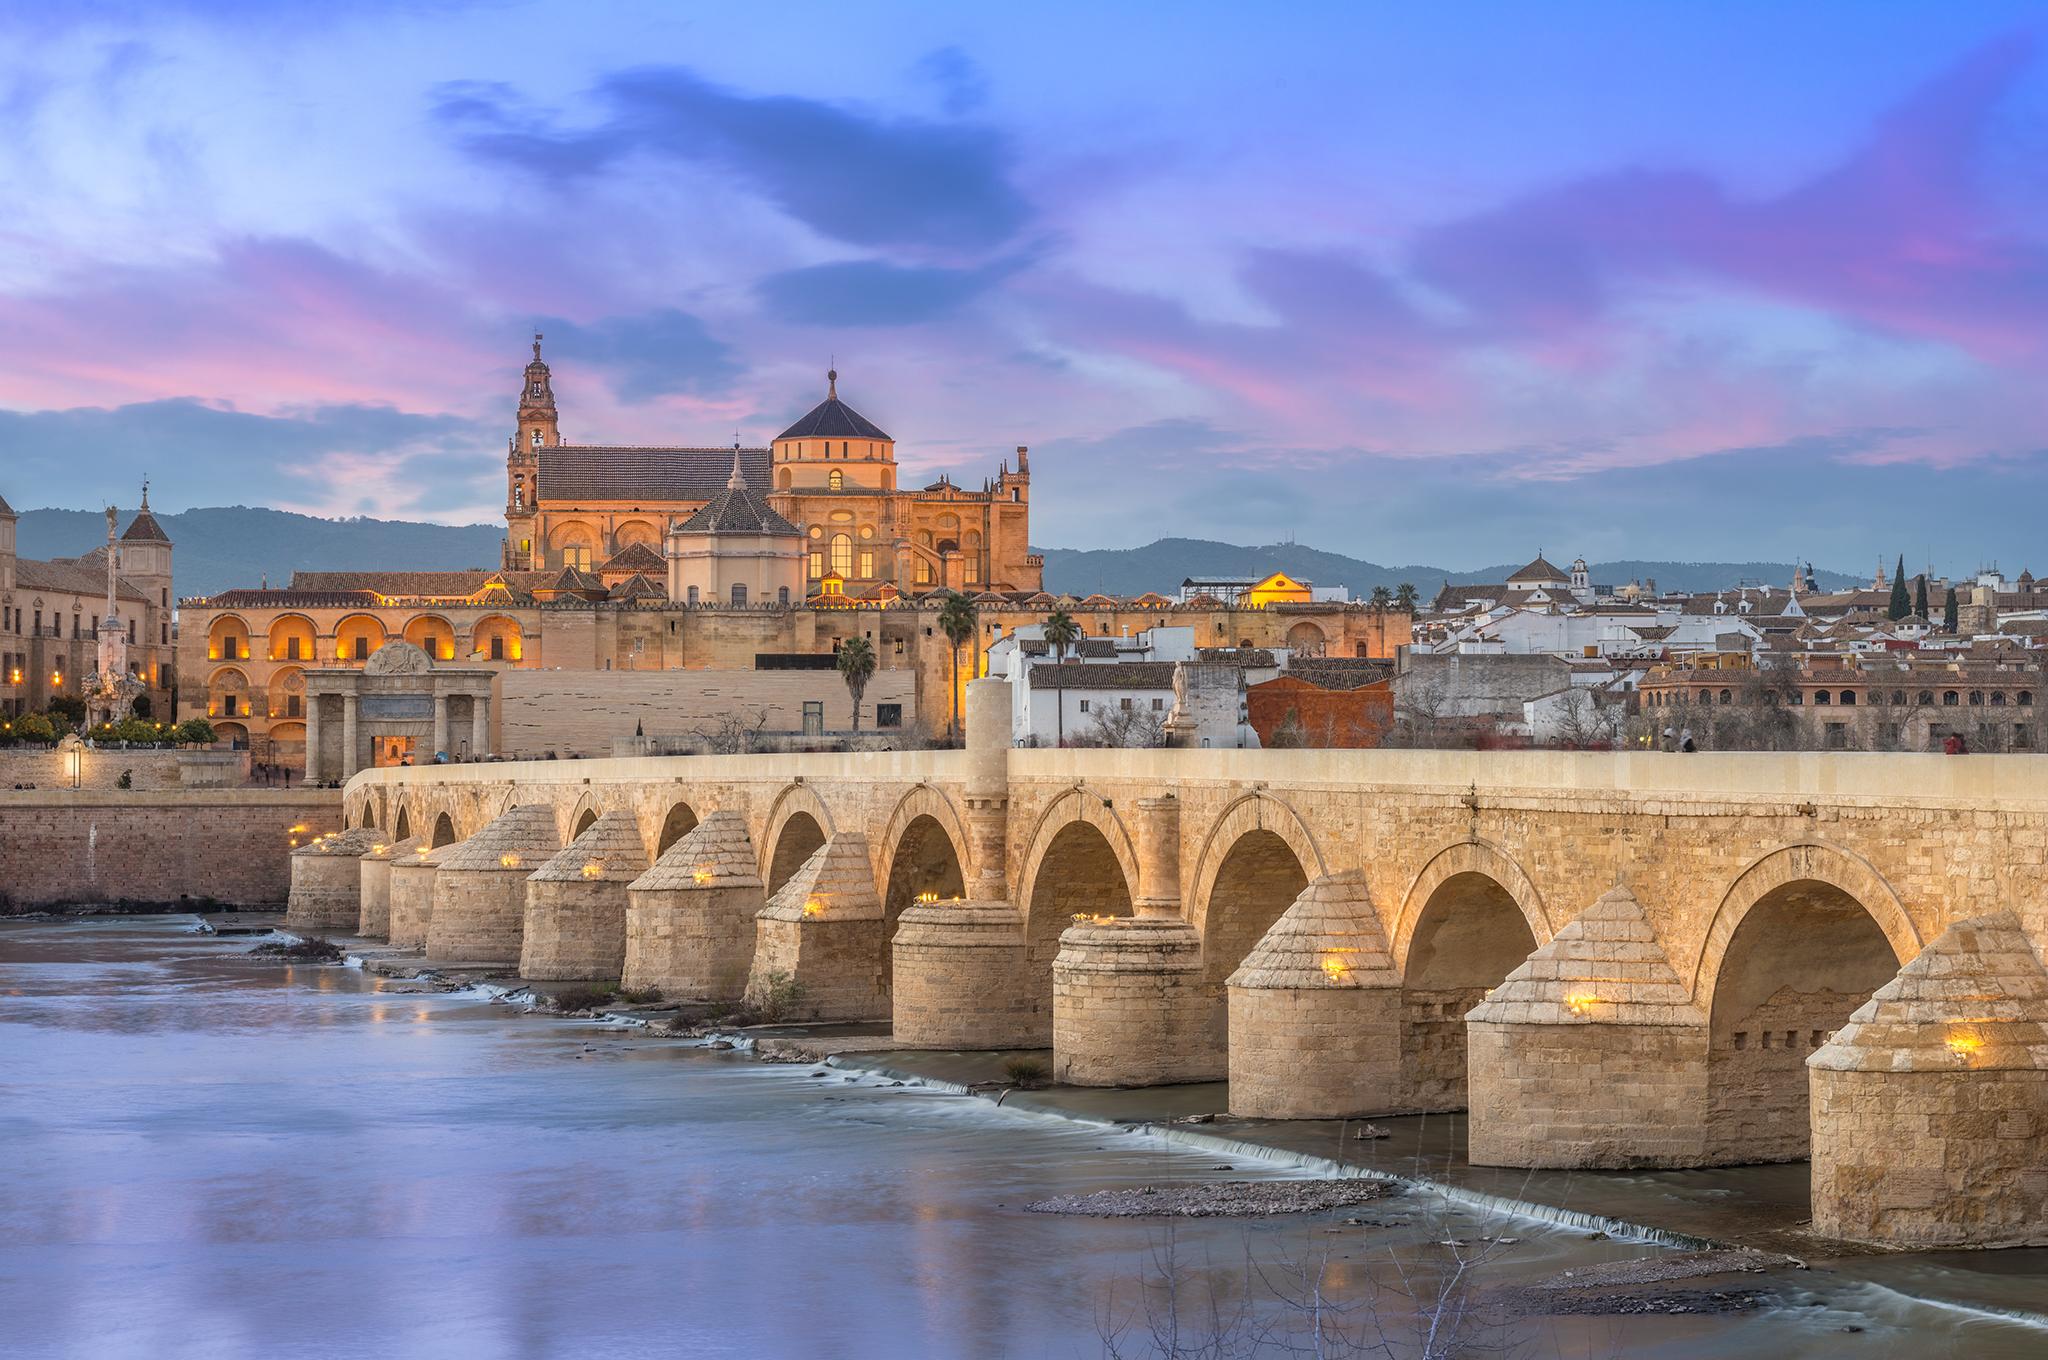 Los puentes más bonitos de España. Puente Romano de Córdoba. |  Foto: La Fabrika Pixel S.l. | Dreamstime.com